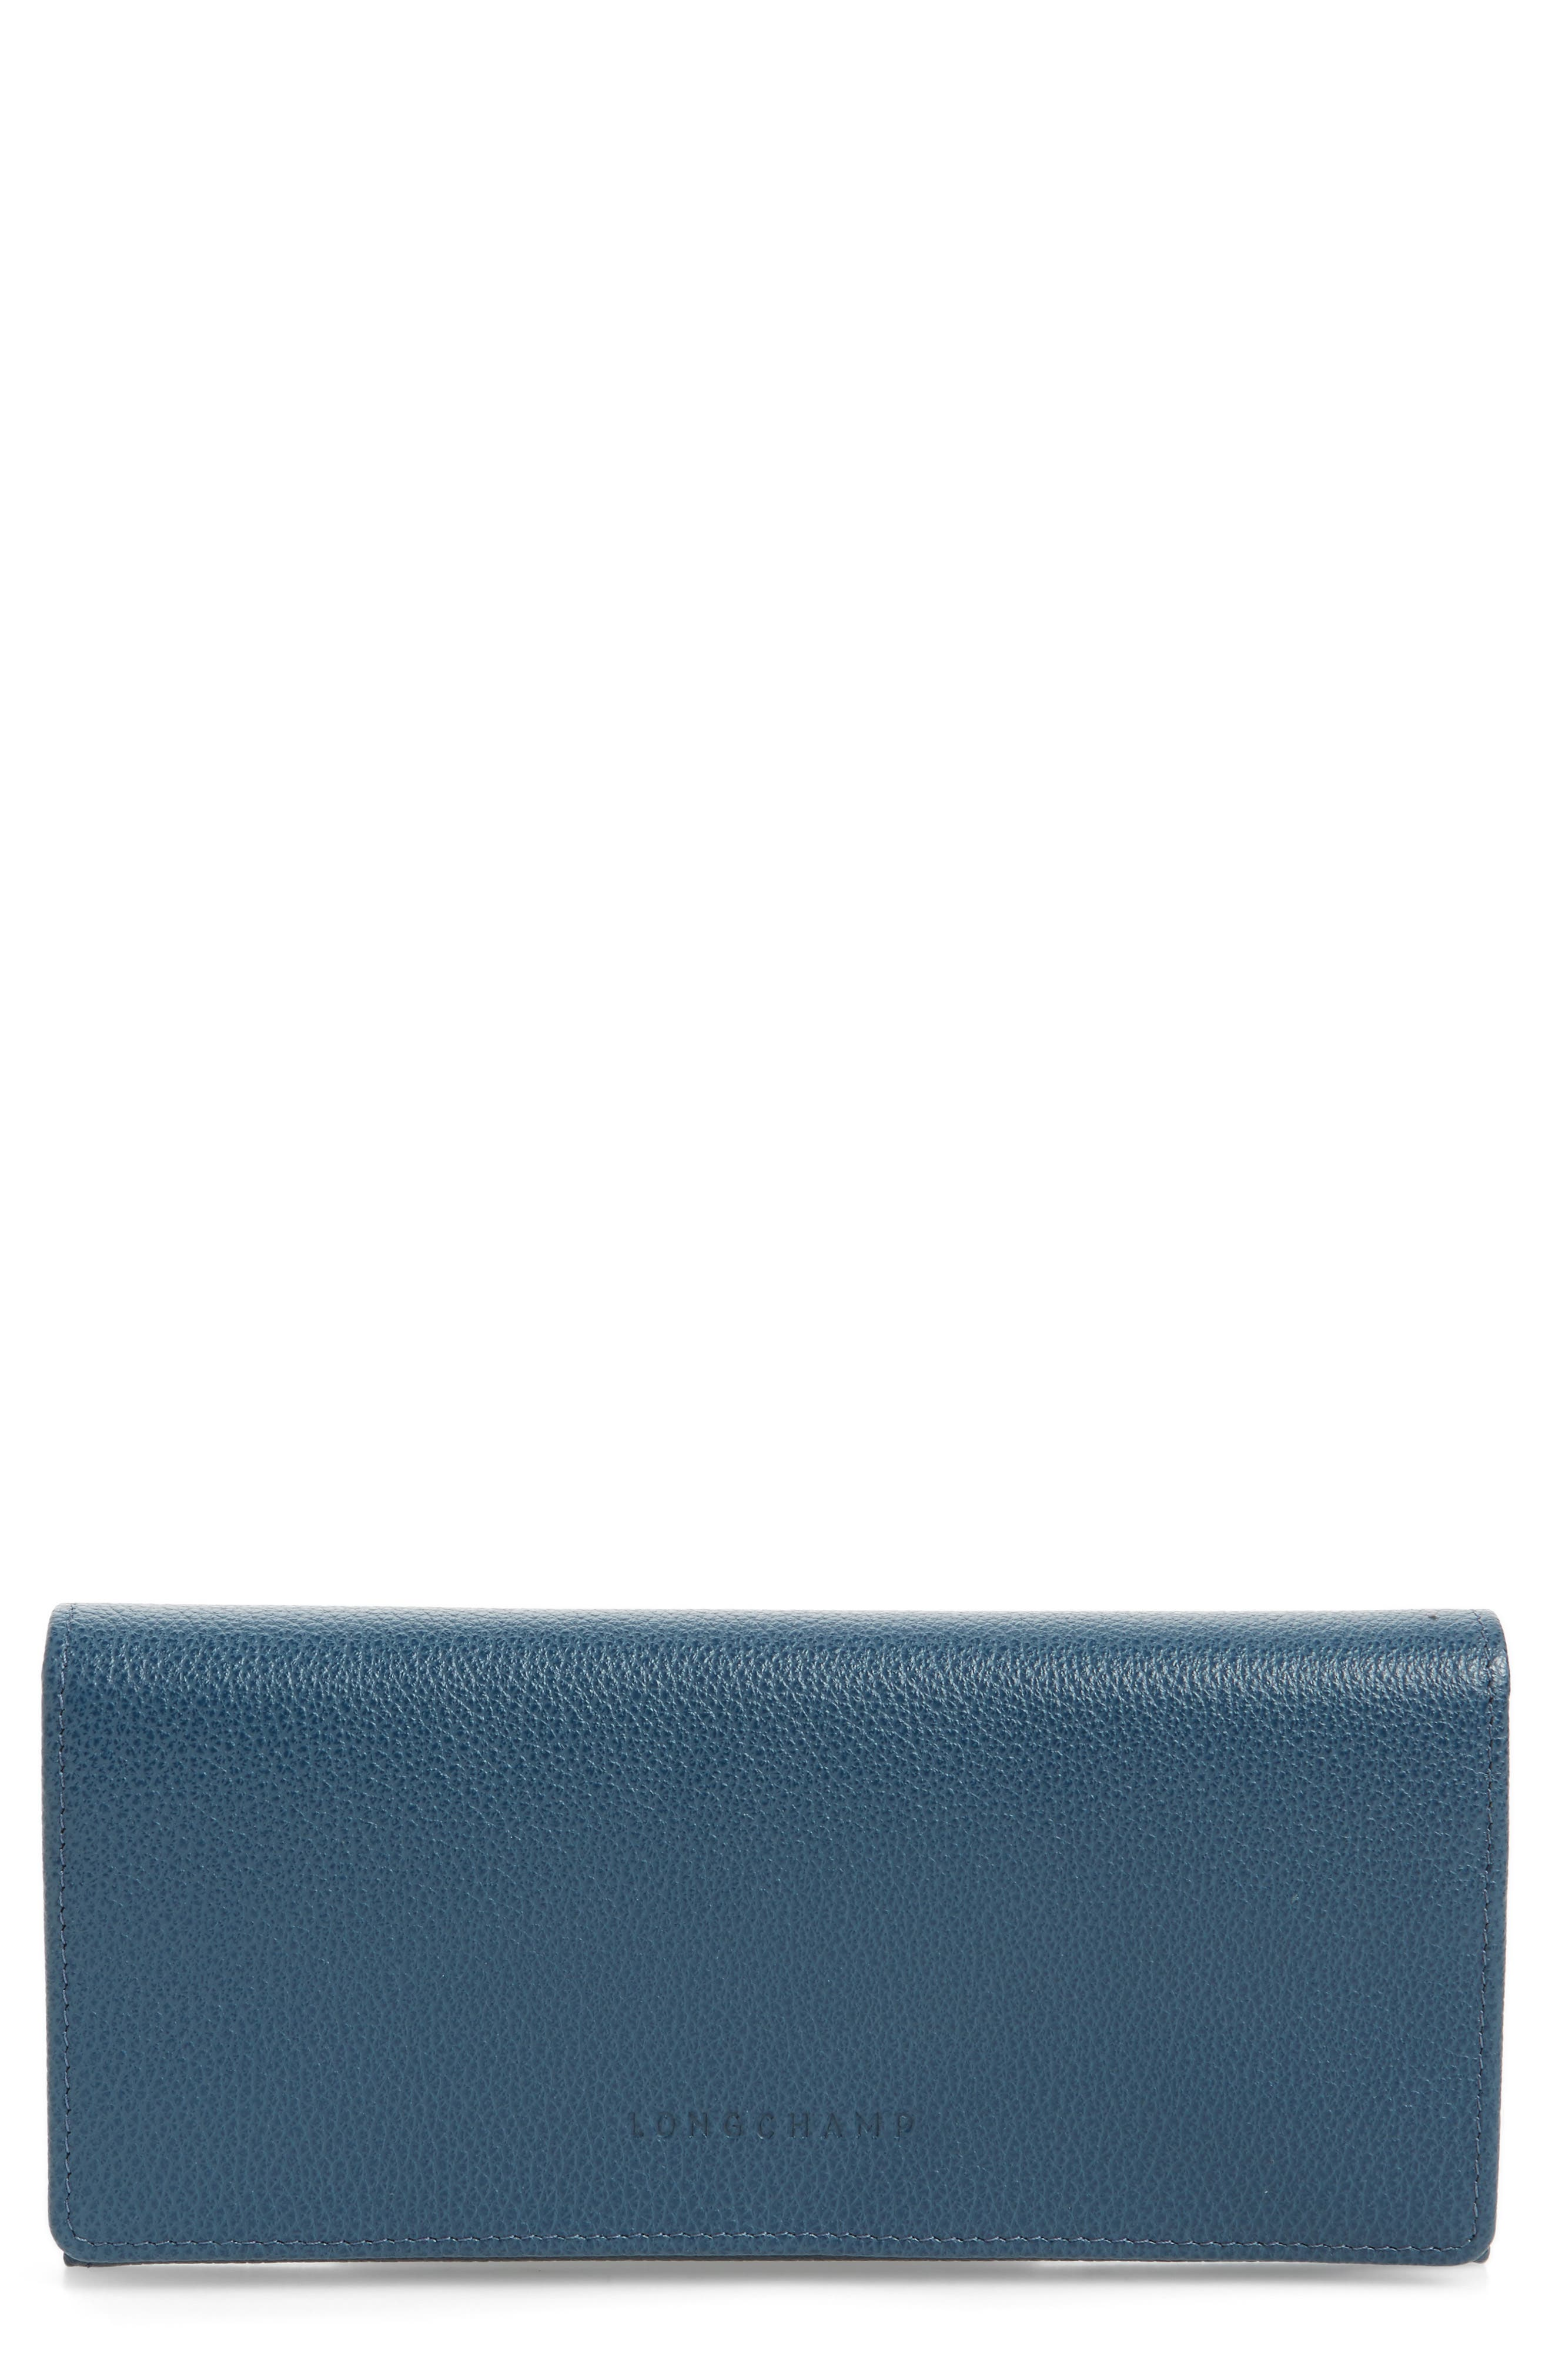 Main Image - Longchamp 'Veau Foulonne' Continental Wallet